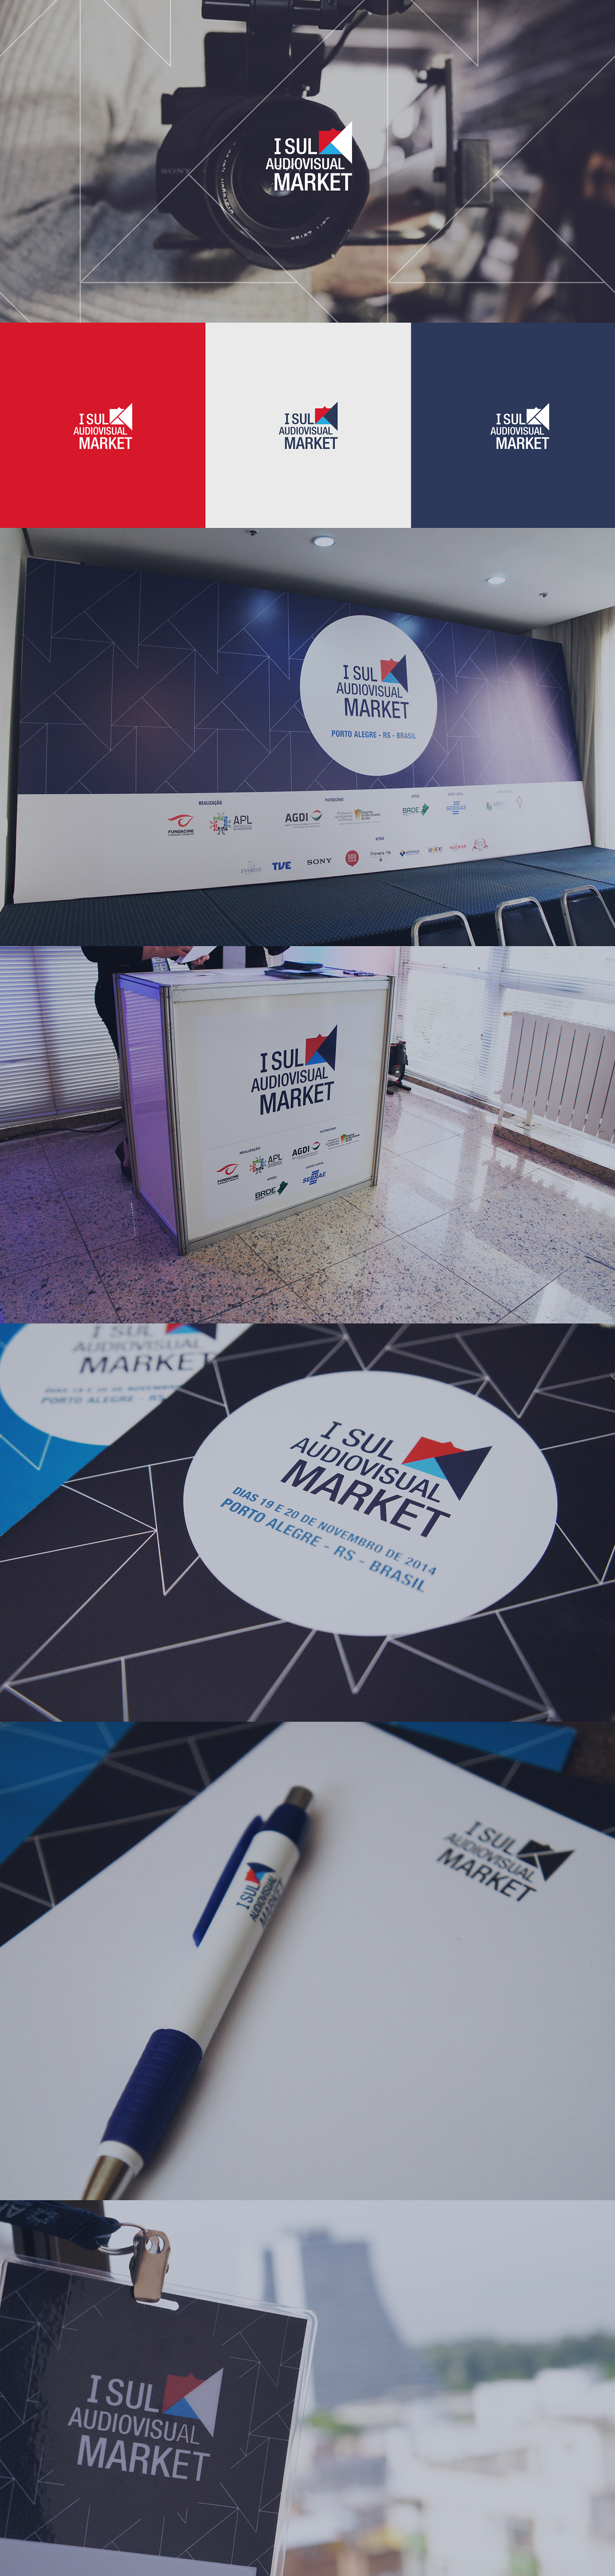 audiovisual market empresas camera negocios Evento business brand logo